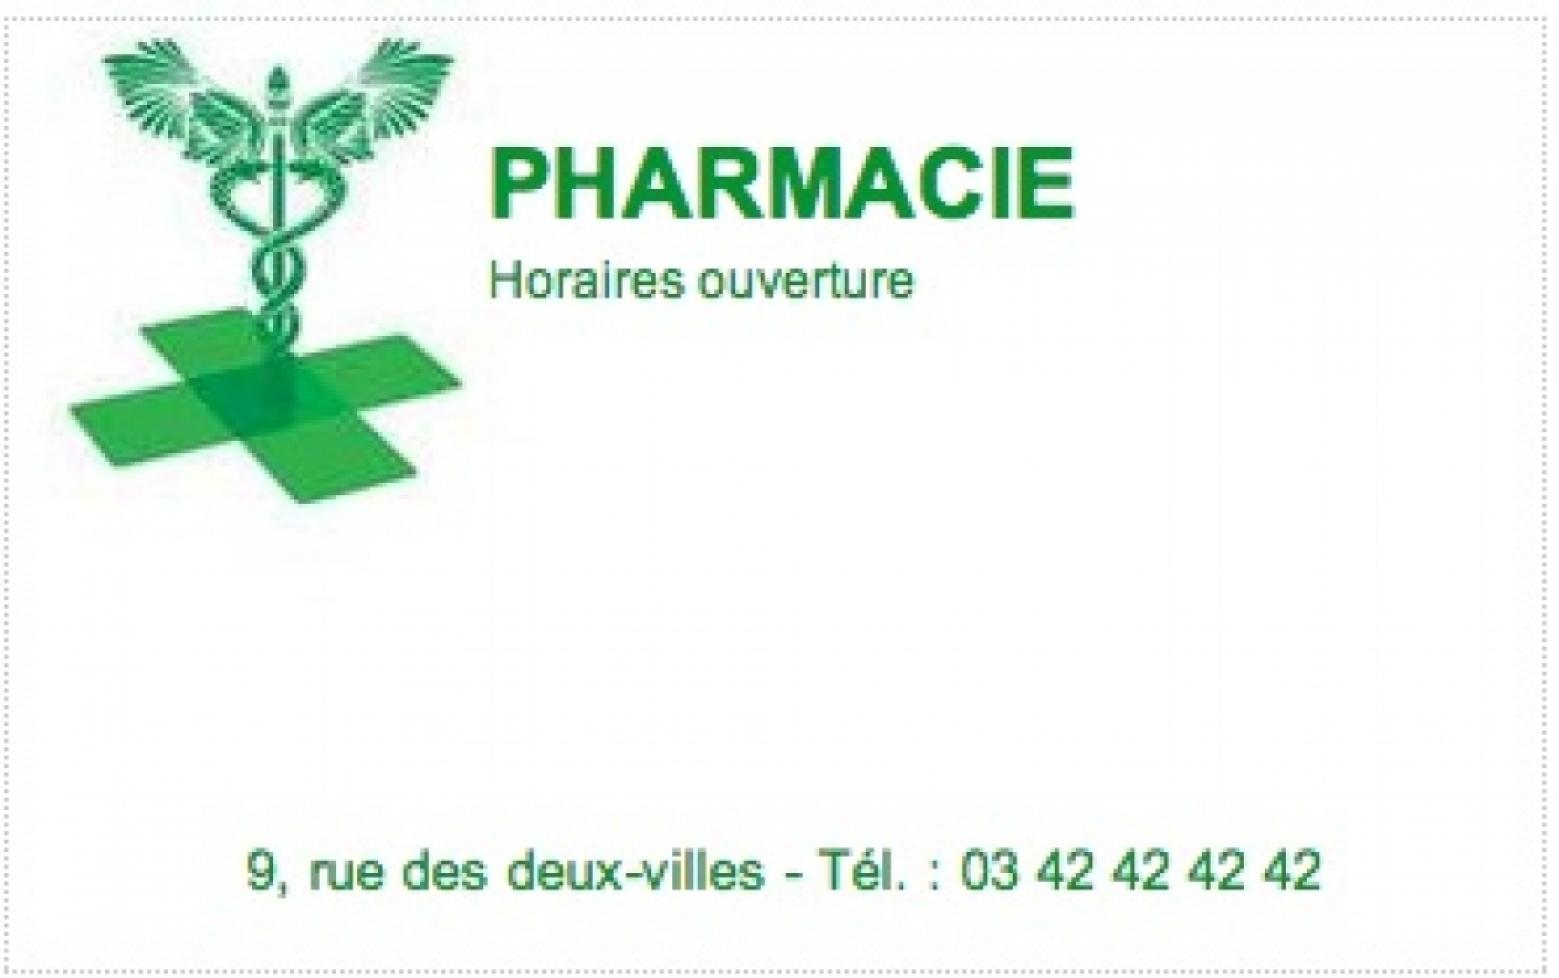 Pharmacie Exemple Carte De Visite Pharmacien Et Pharmacienne Grand Format Personnaliser En Ligne Modle Gratuit Pas